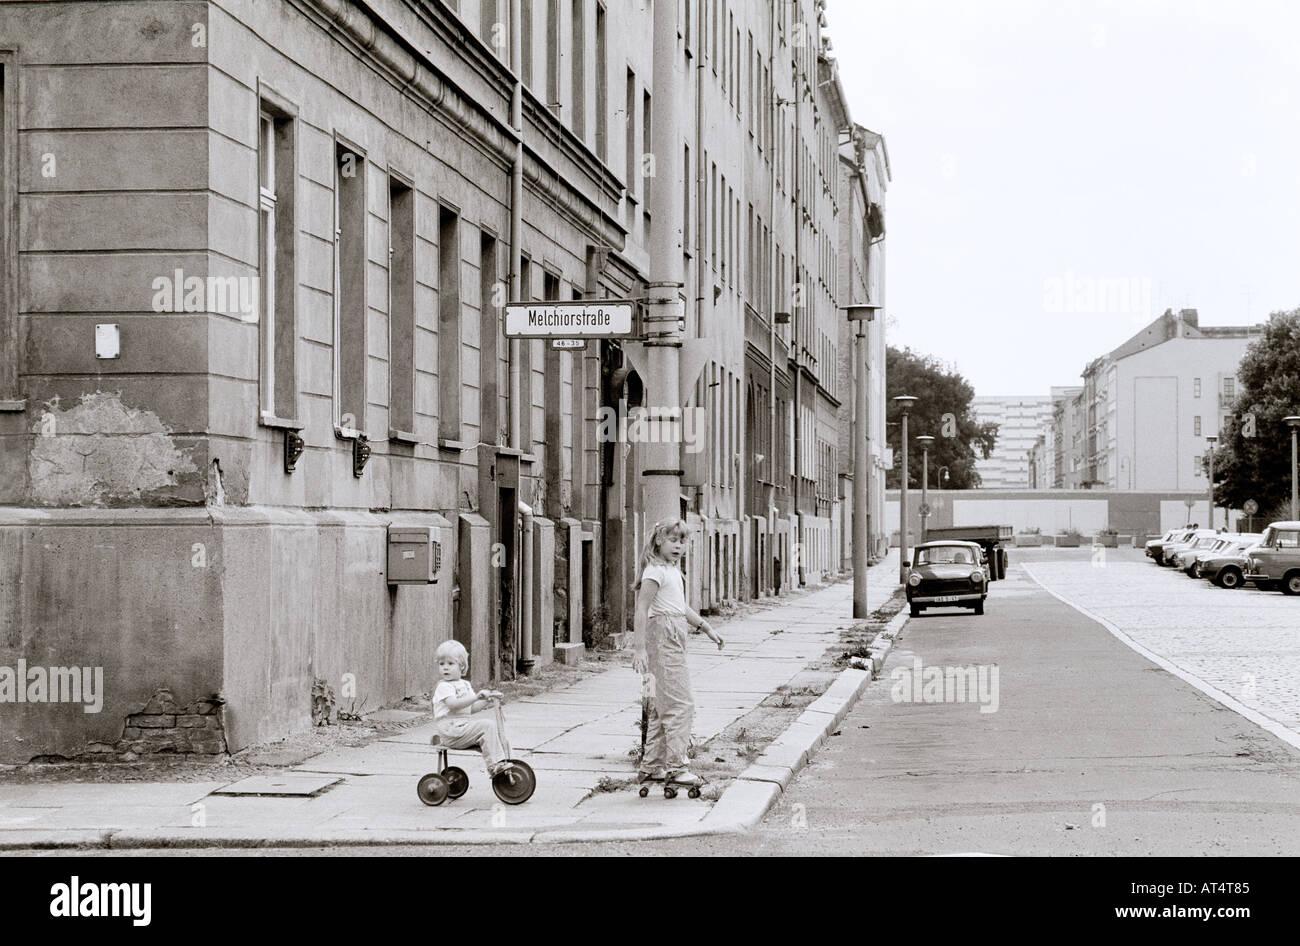 La historia de Europa. El histórico Muro de Berlín en Berlín Oriental Soviética comunista en Alemania en Europa durante la Guerra Fría. Imagen De Stock